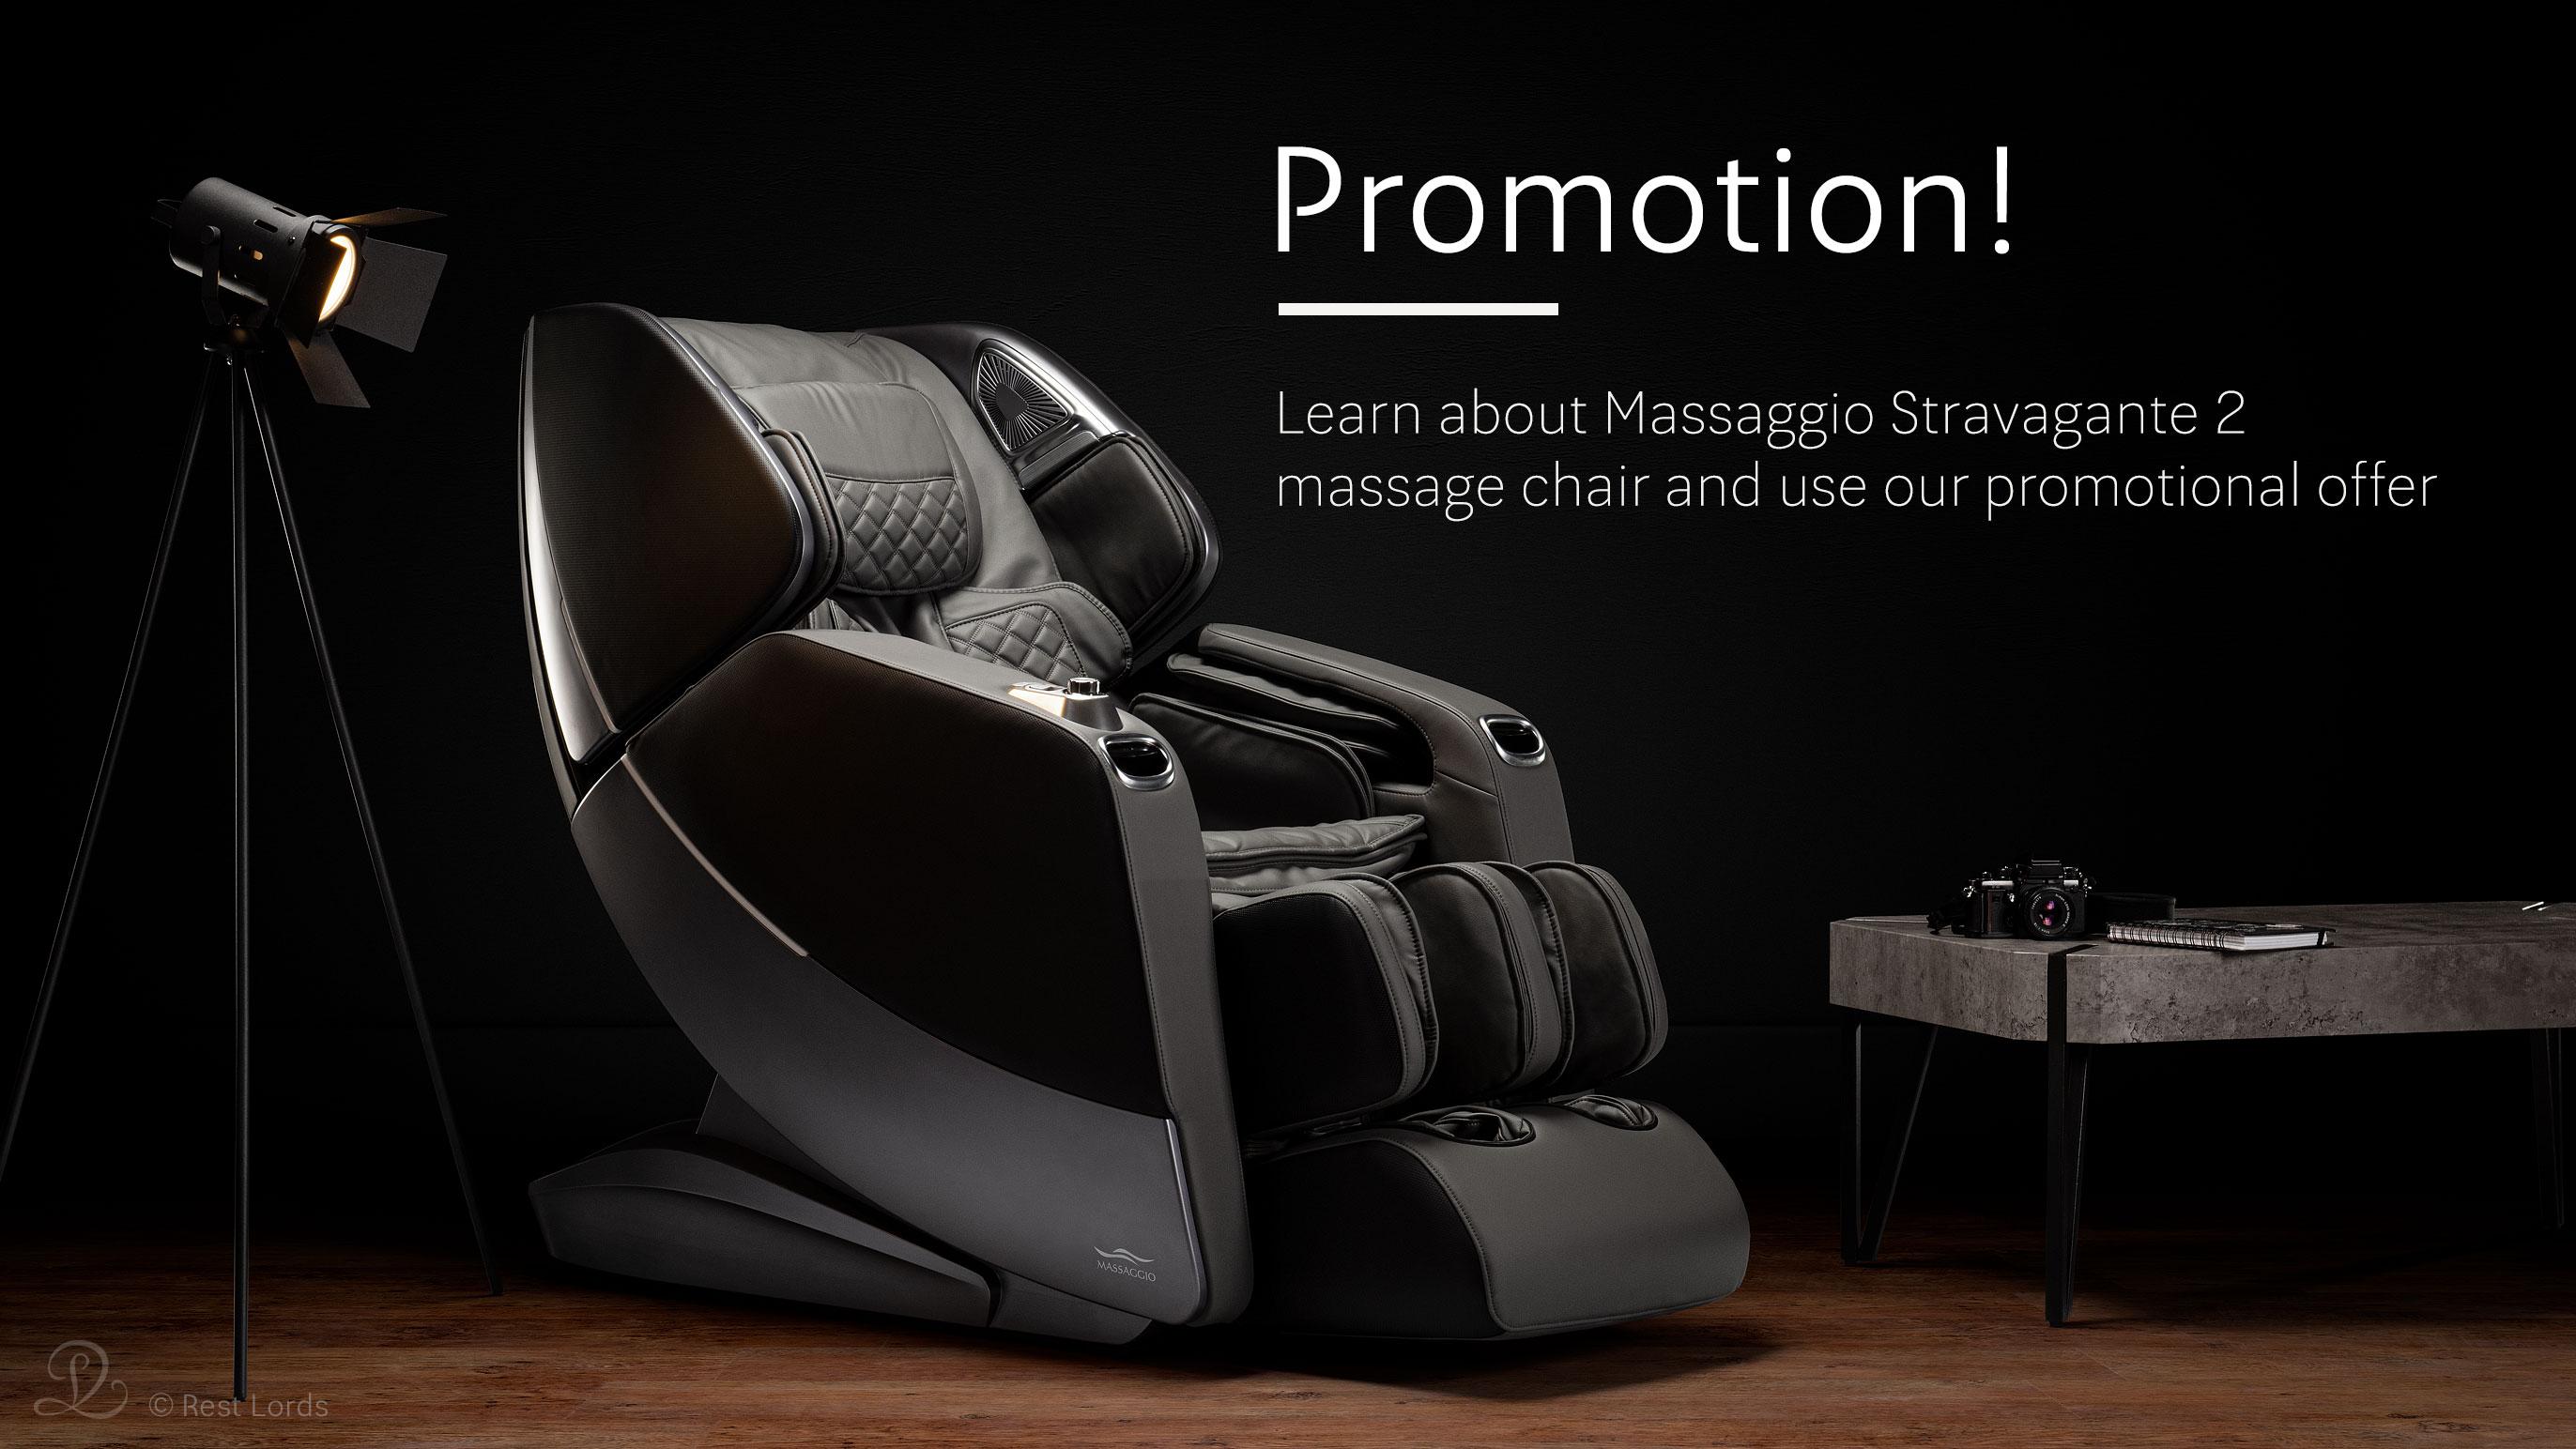 Massage chair Massaggio Stravagante 2 on sale promotion